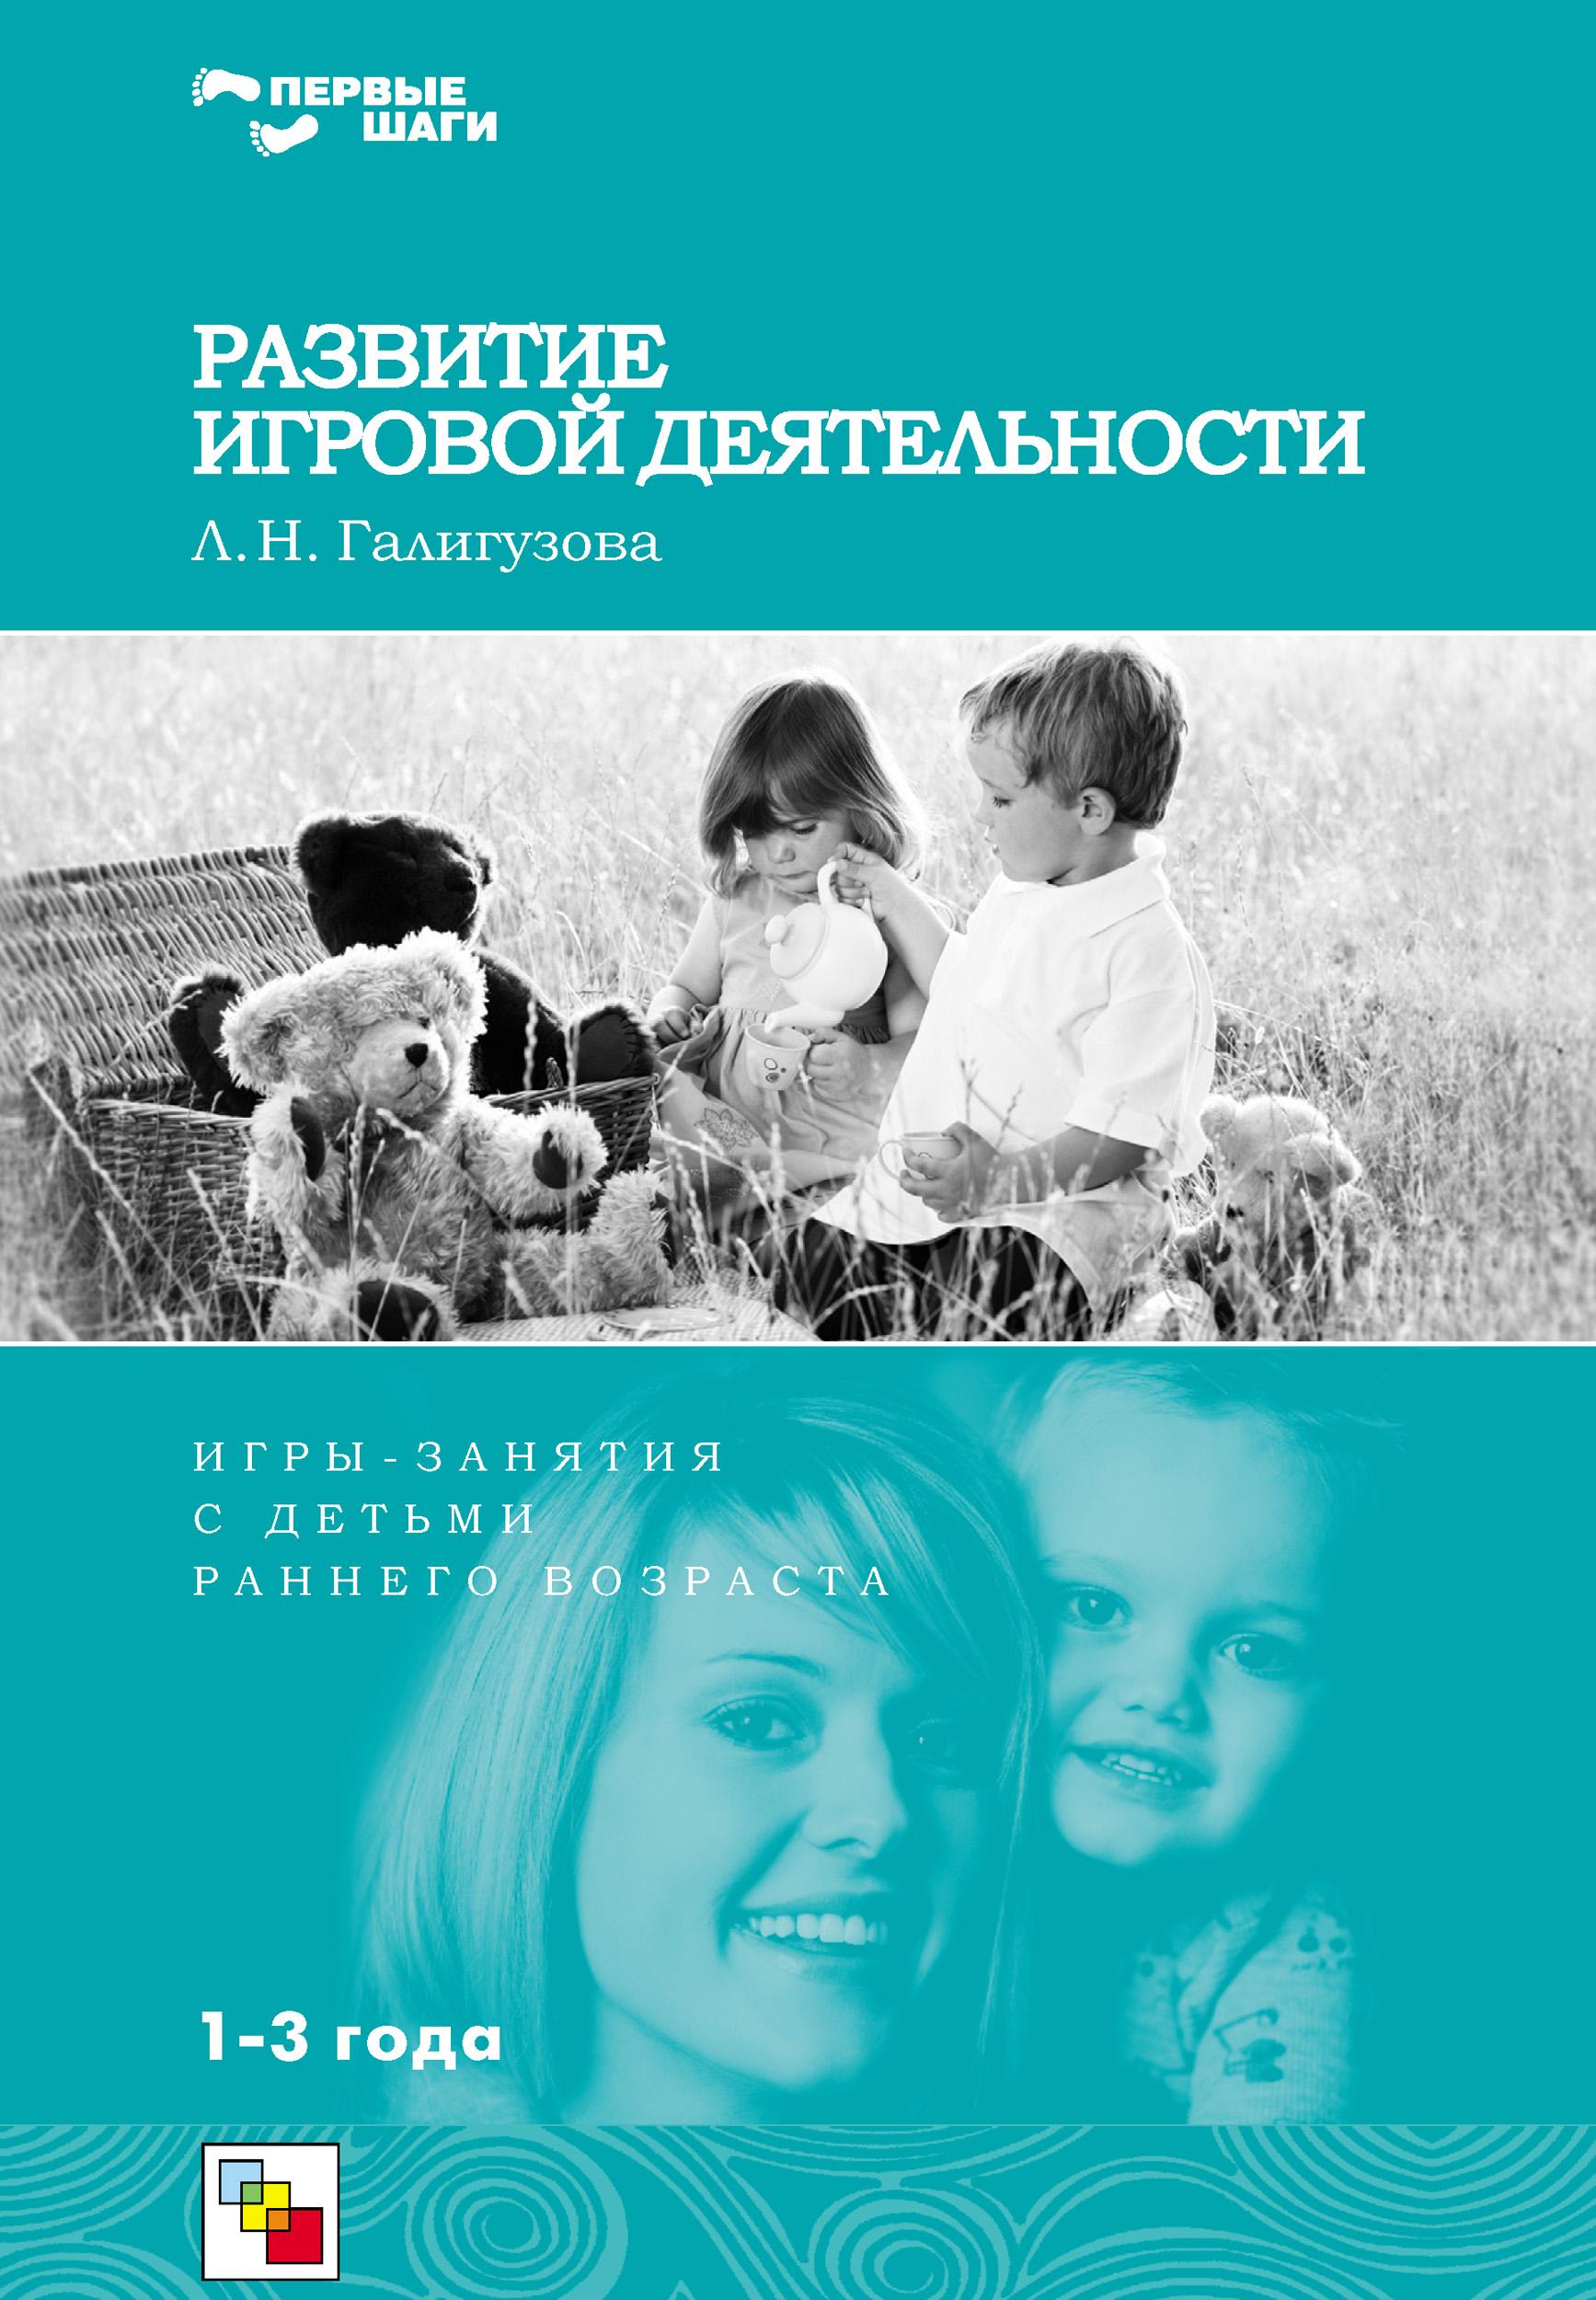 Л. Н. Галигузова Развитие игровой деятельности. Игры и занятия с детьми раннего возраста. 1-3 года